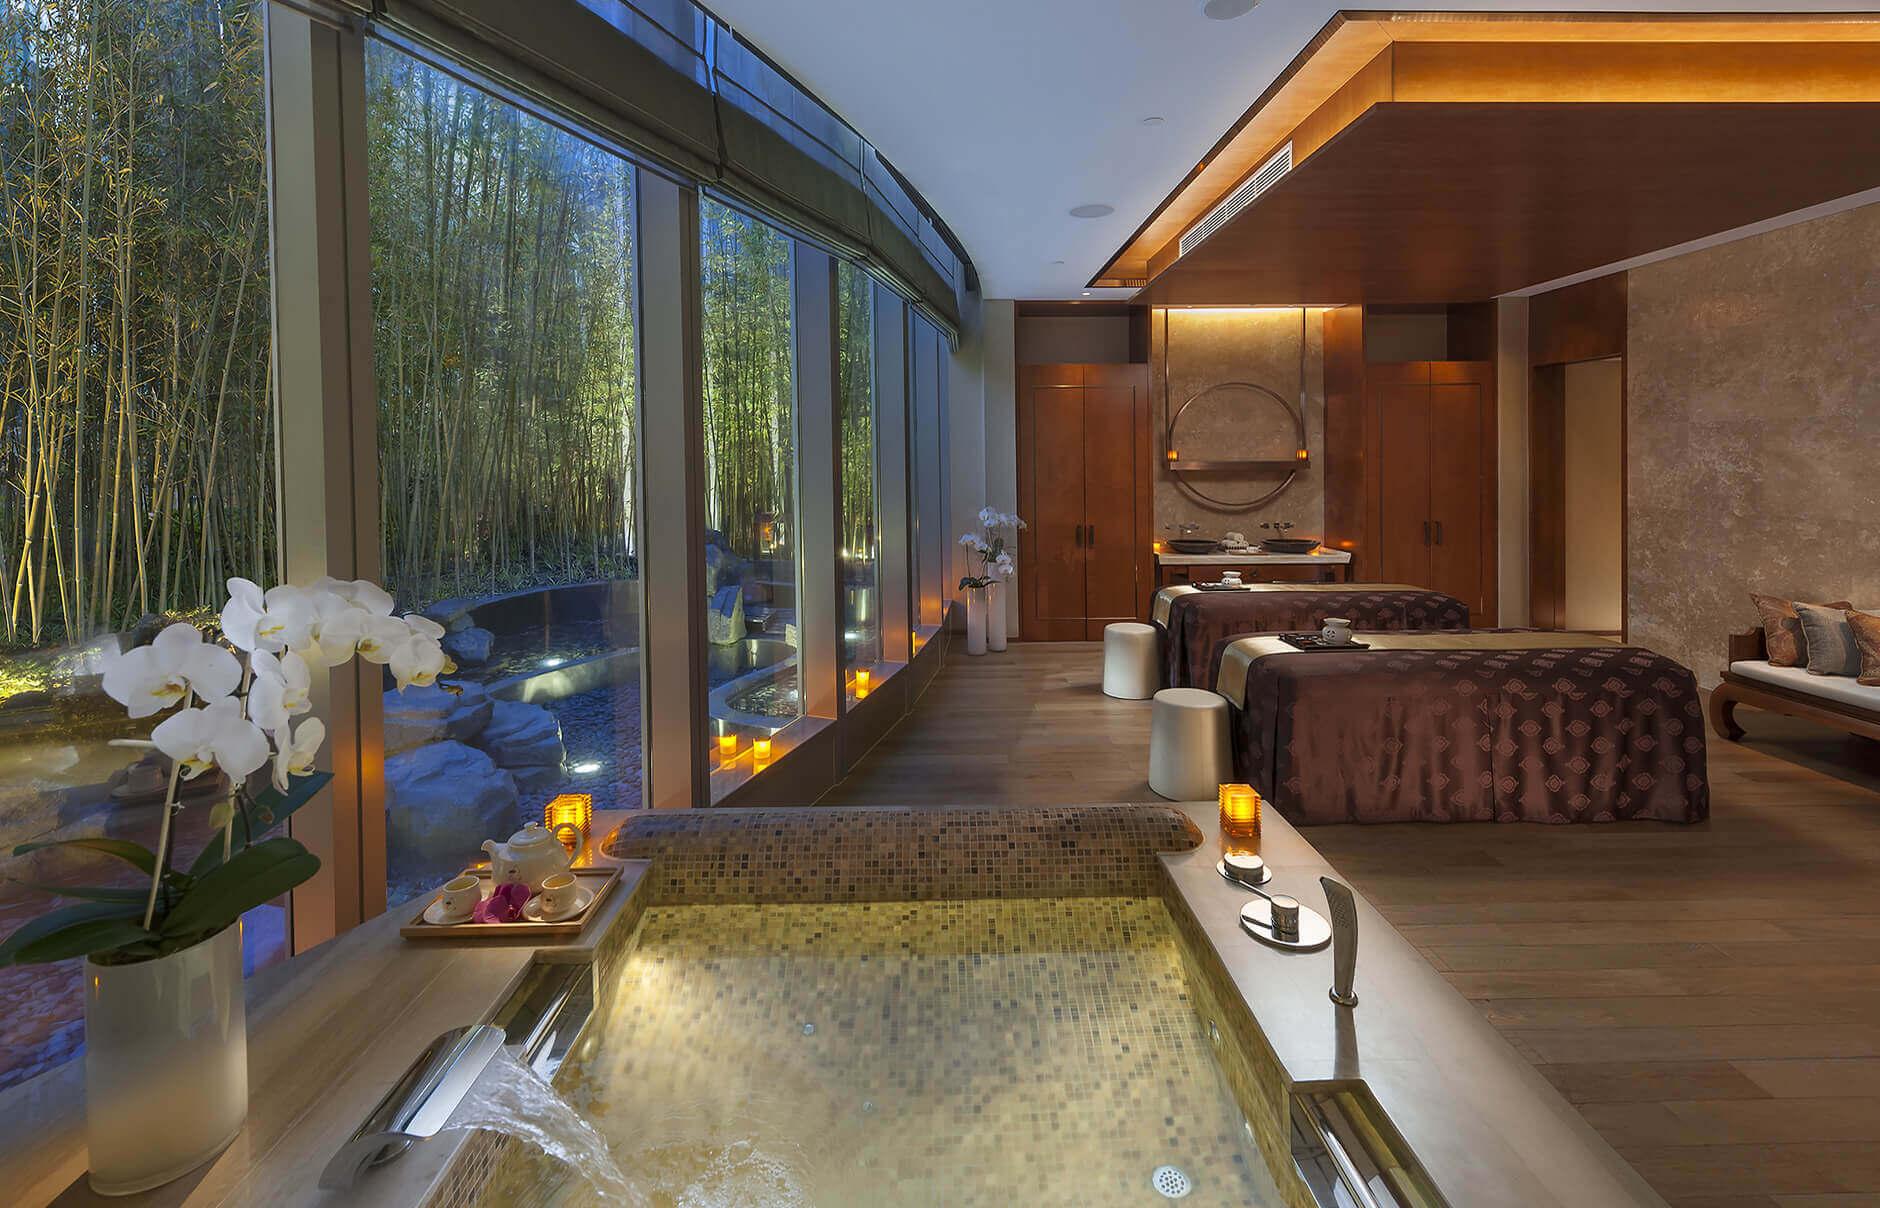 mandarin oriental otelleri hakkında bilgiler